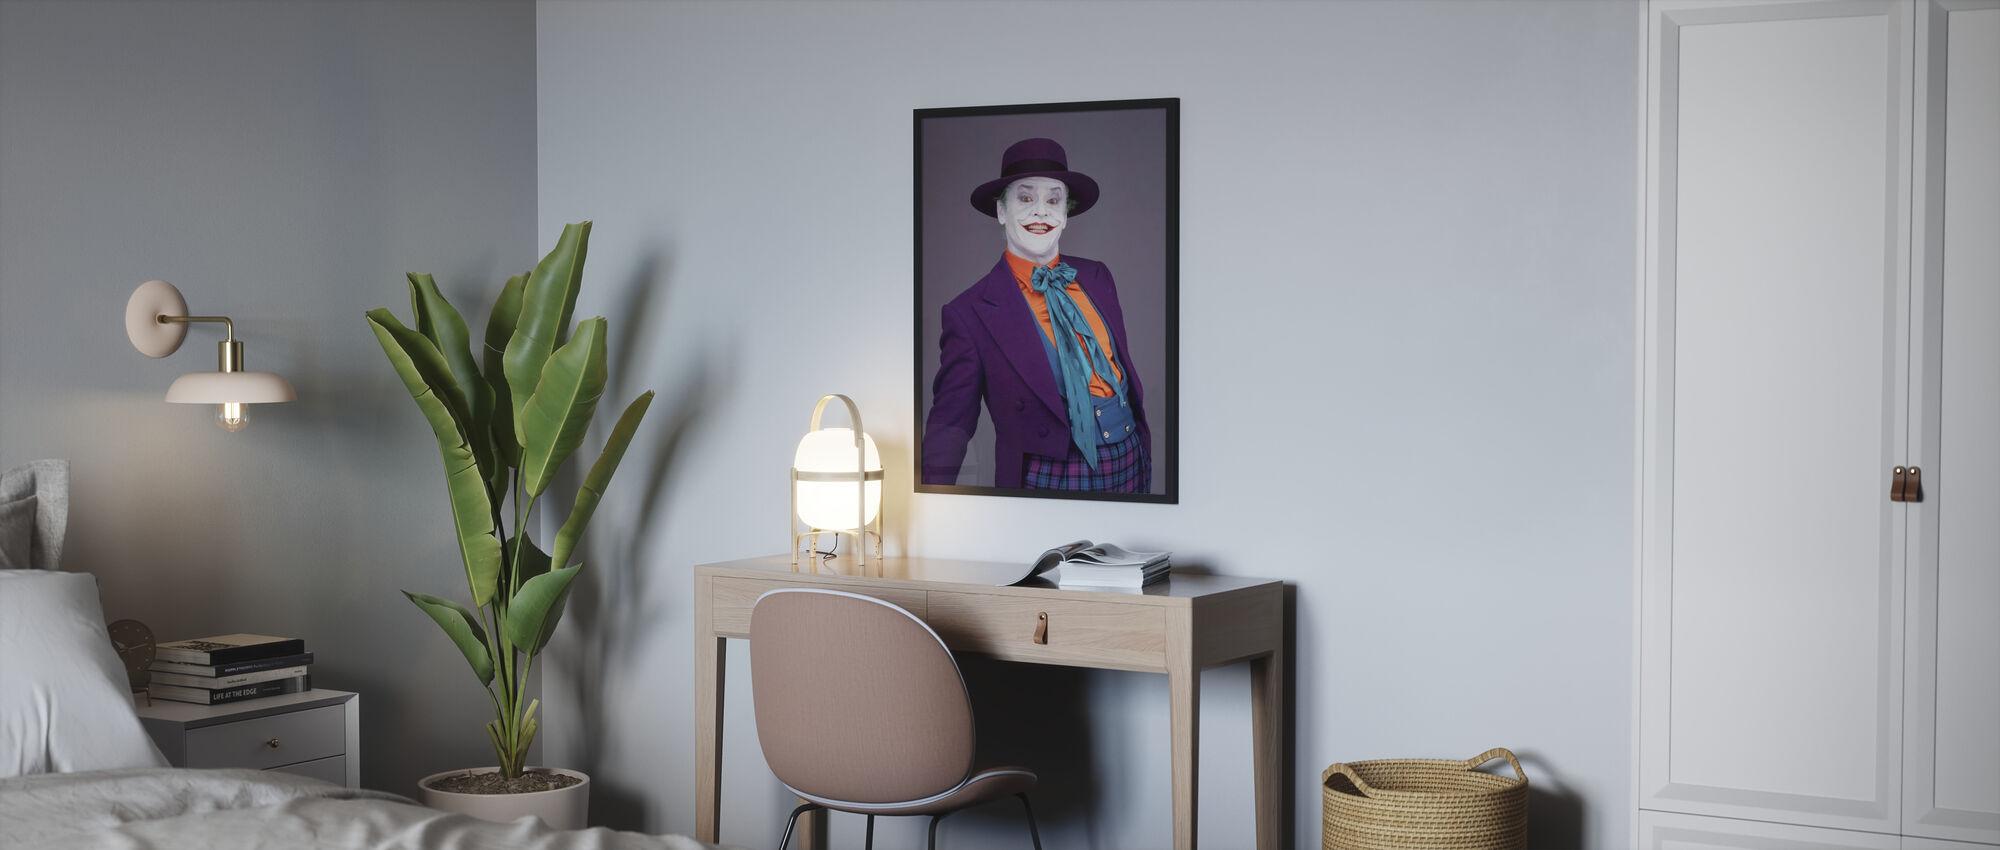 Jack Nicholson in Batman - Poster - Bedroom